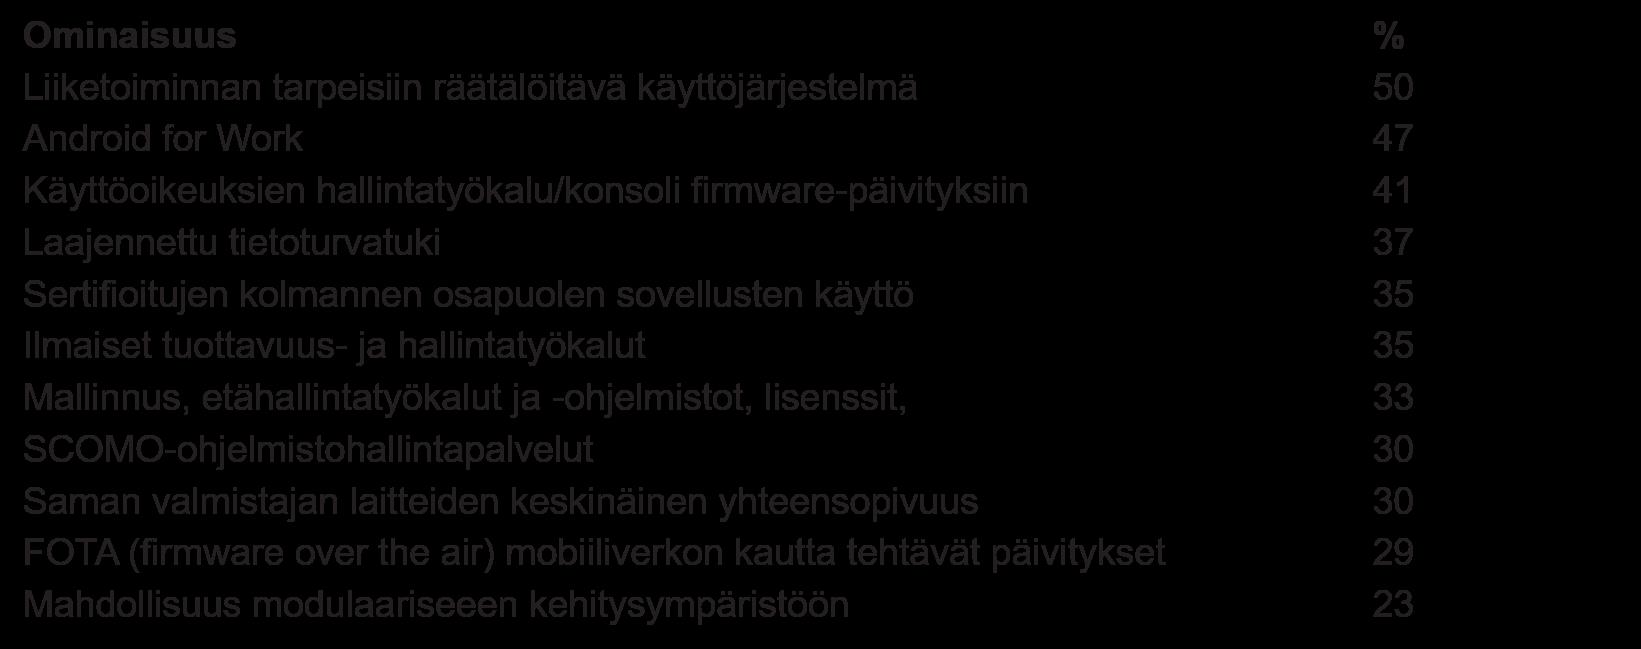 taulukko4